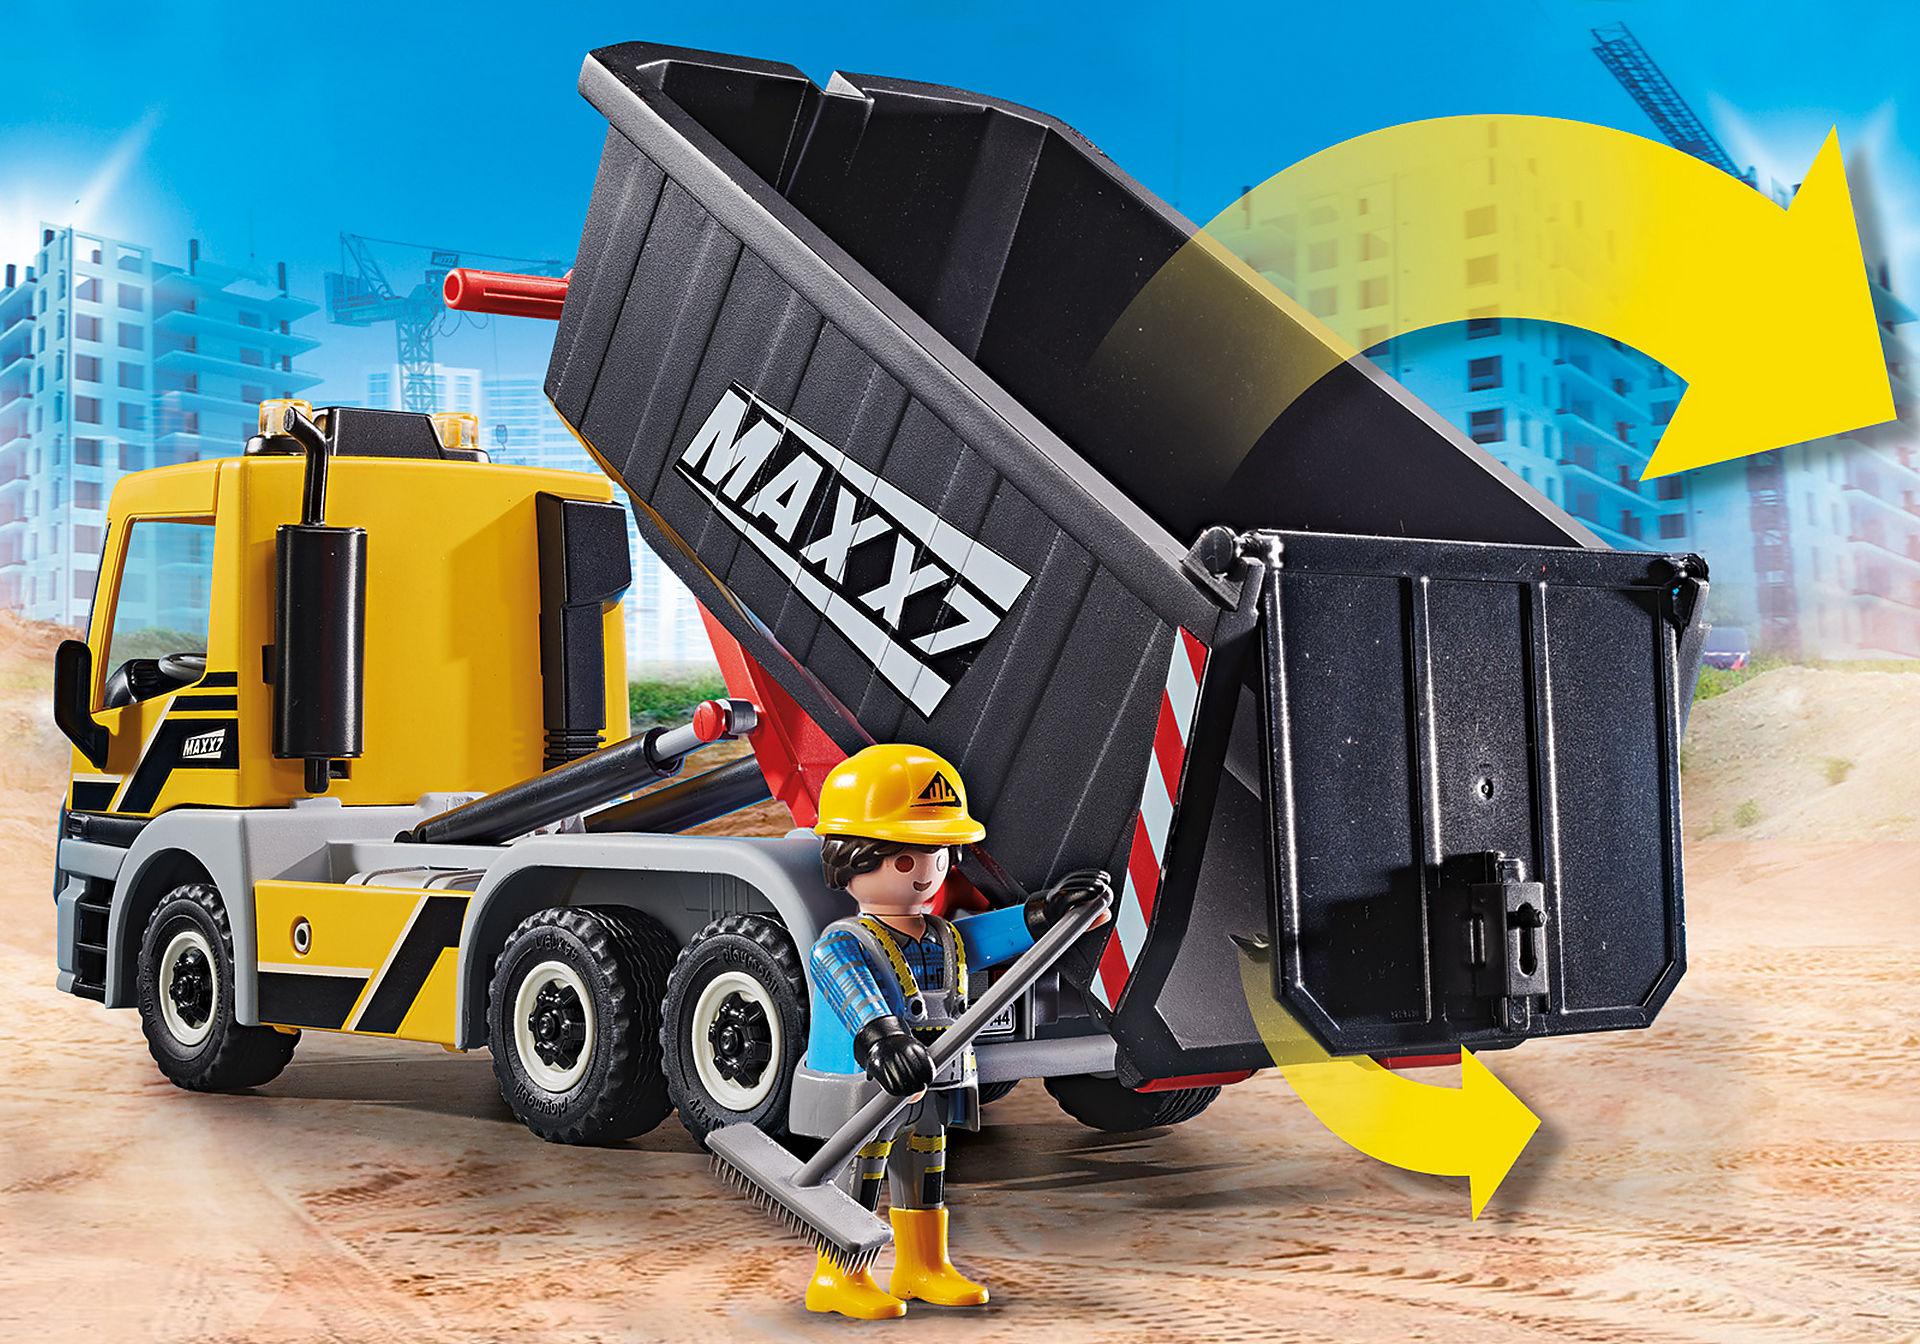 70444 Samochód ciężarowy z wymiennym nadwoziem zoom image5